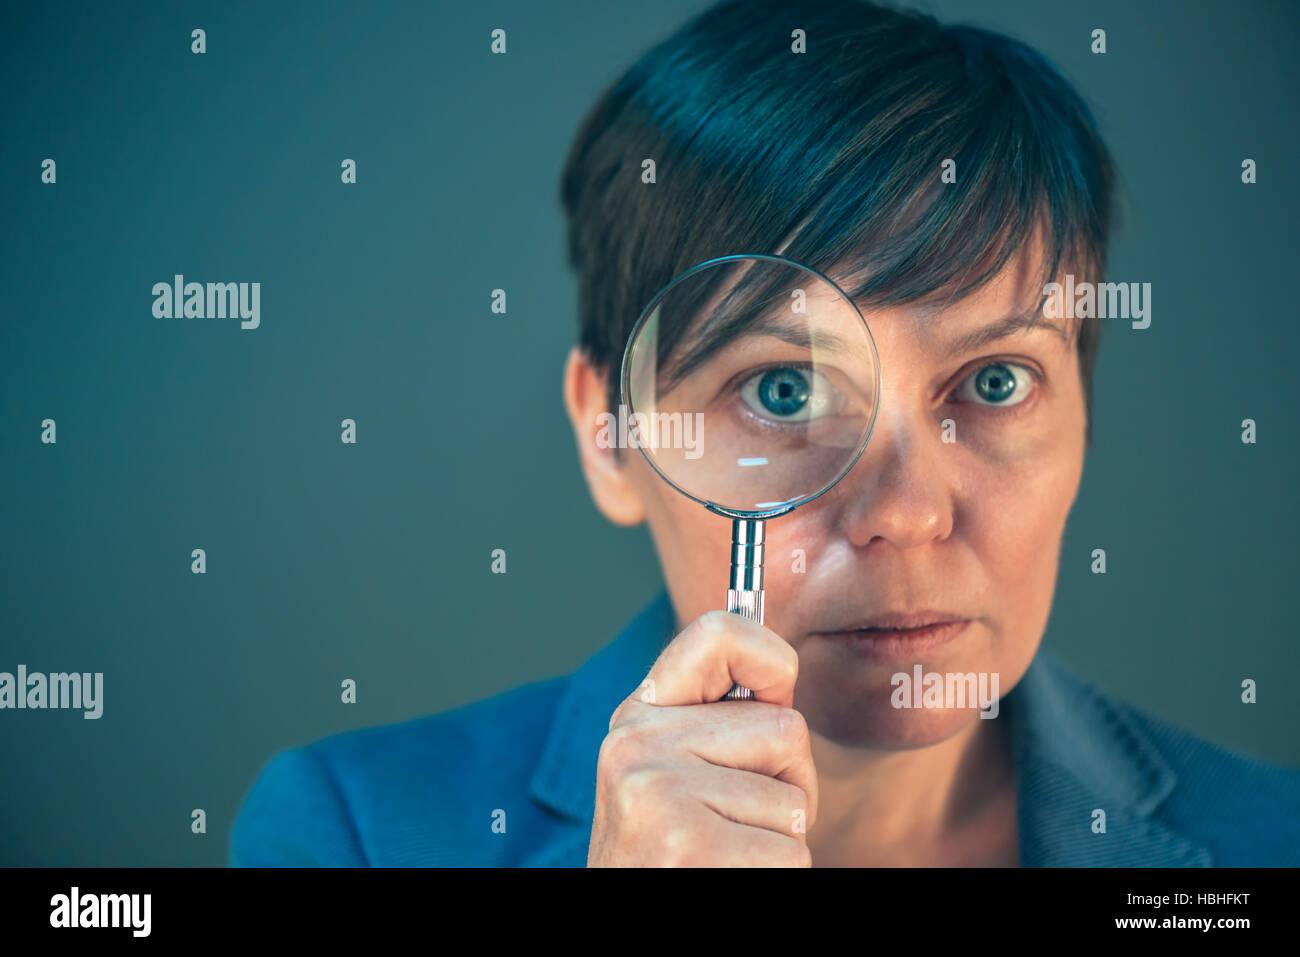 Bella imprenditrice guardando attraverso la lente di ingrandimento - cercare, scoprire, esplorare e indagare e analizzare Immagini Stock